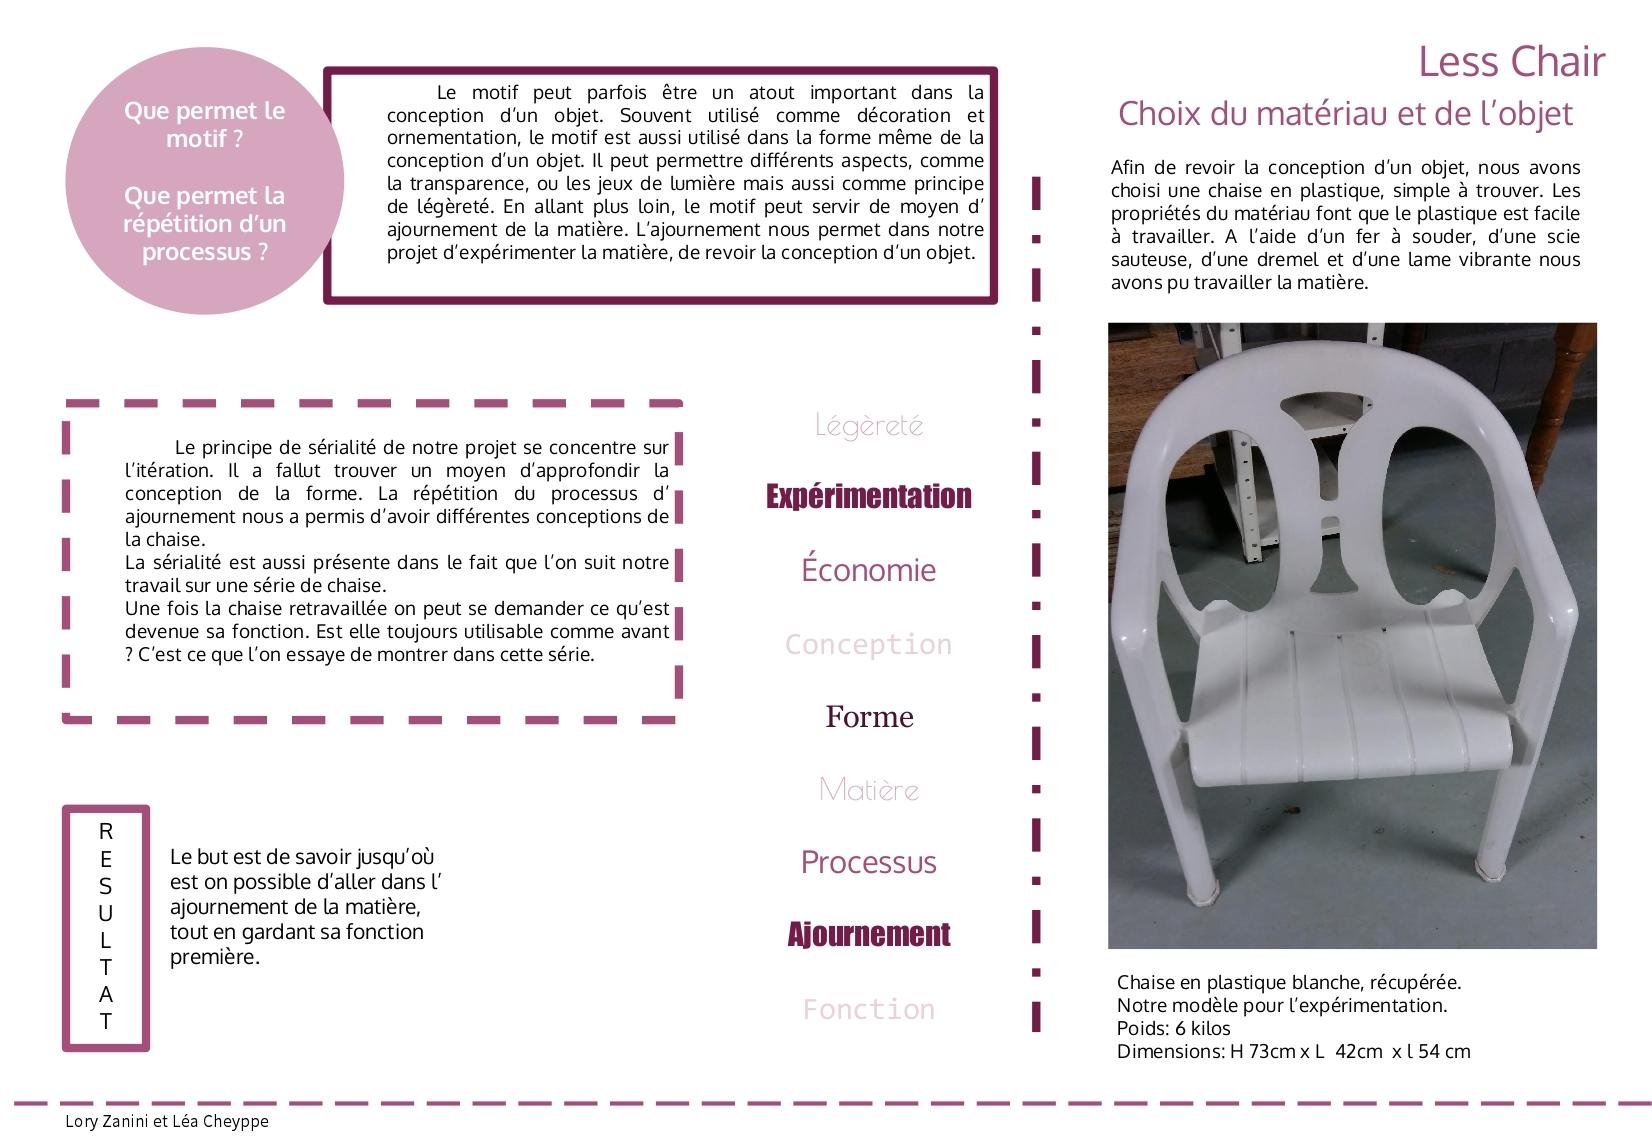 projet design lory Zanini et Léa Cheyppe